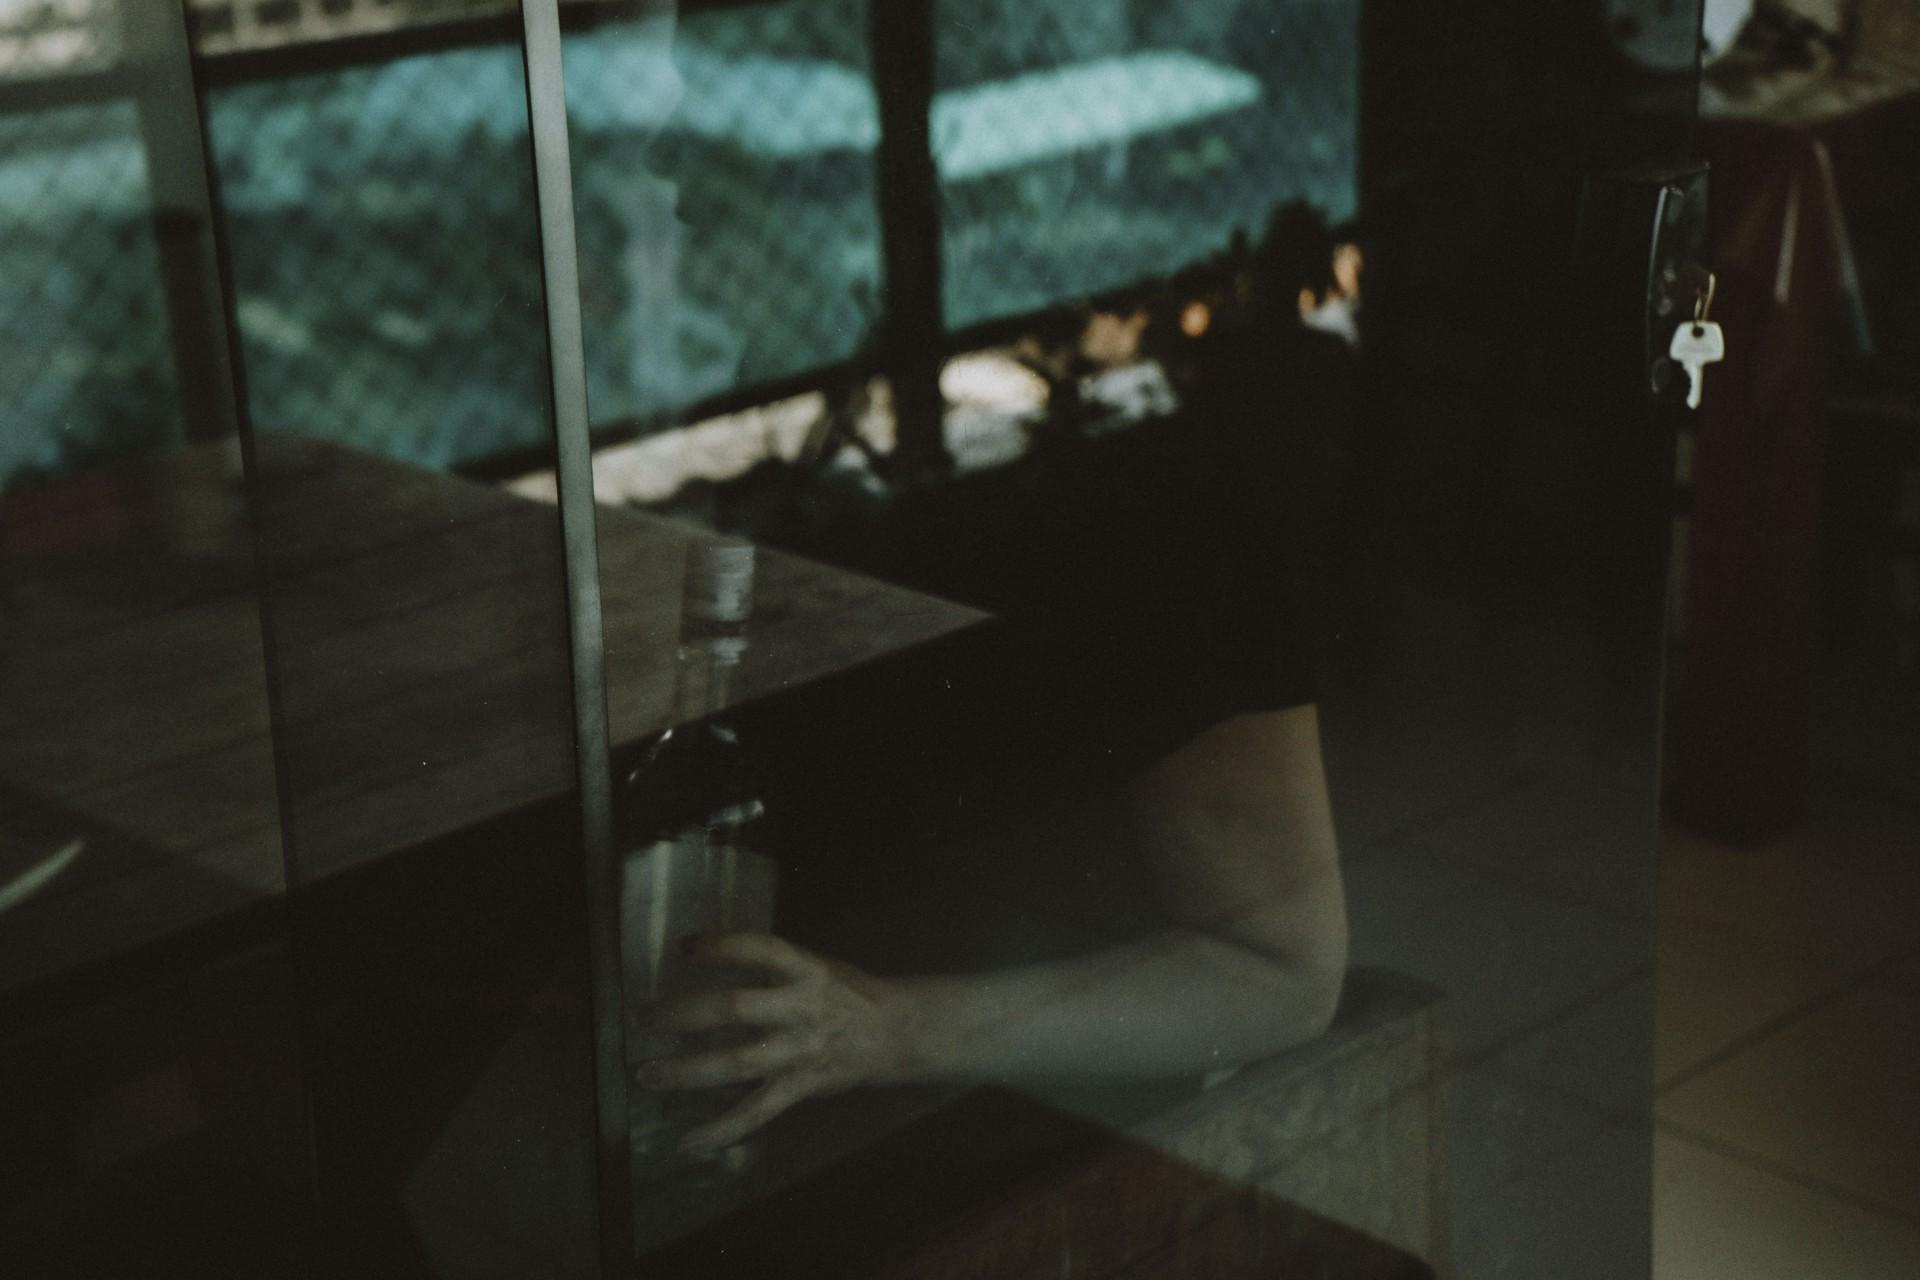 FORTALEZA - CE, BRASIL, 22-09-2020: Aumento do uso de drogas ilícitas e lícitas durante a pandemia. Imagem de reflexo de uma pessoa com uma garrafa de bebida nas mãos.  (Foto: Júlio Caesar / O Povo)